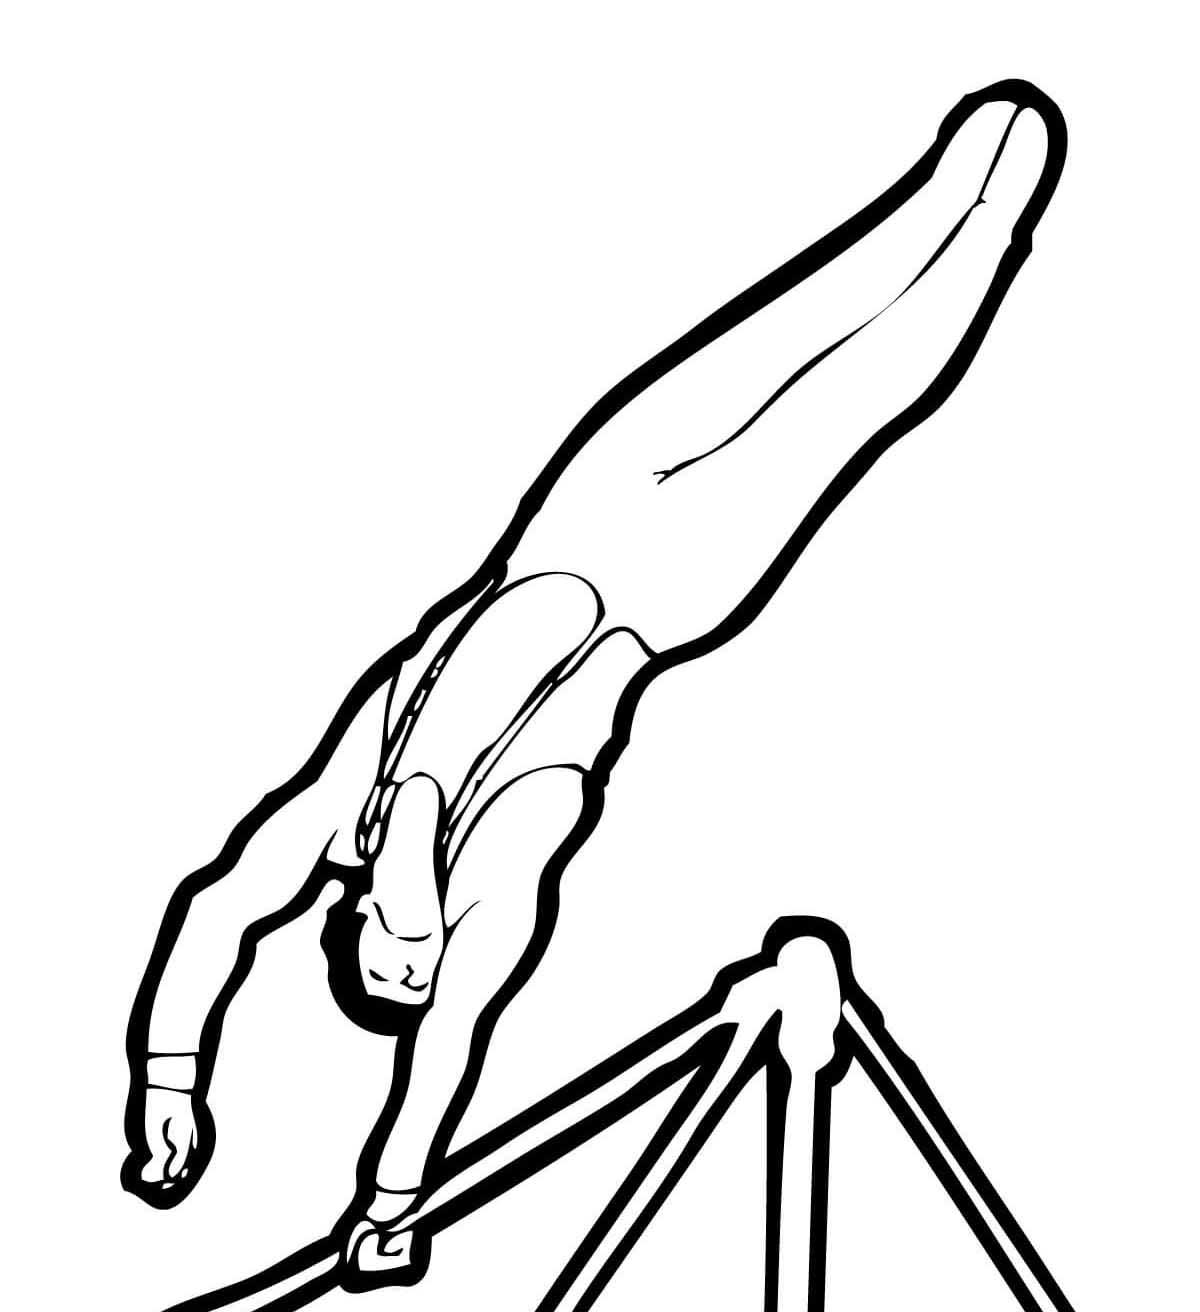 очень картинки атлетической гимнастики карандашом наверняка